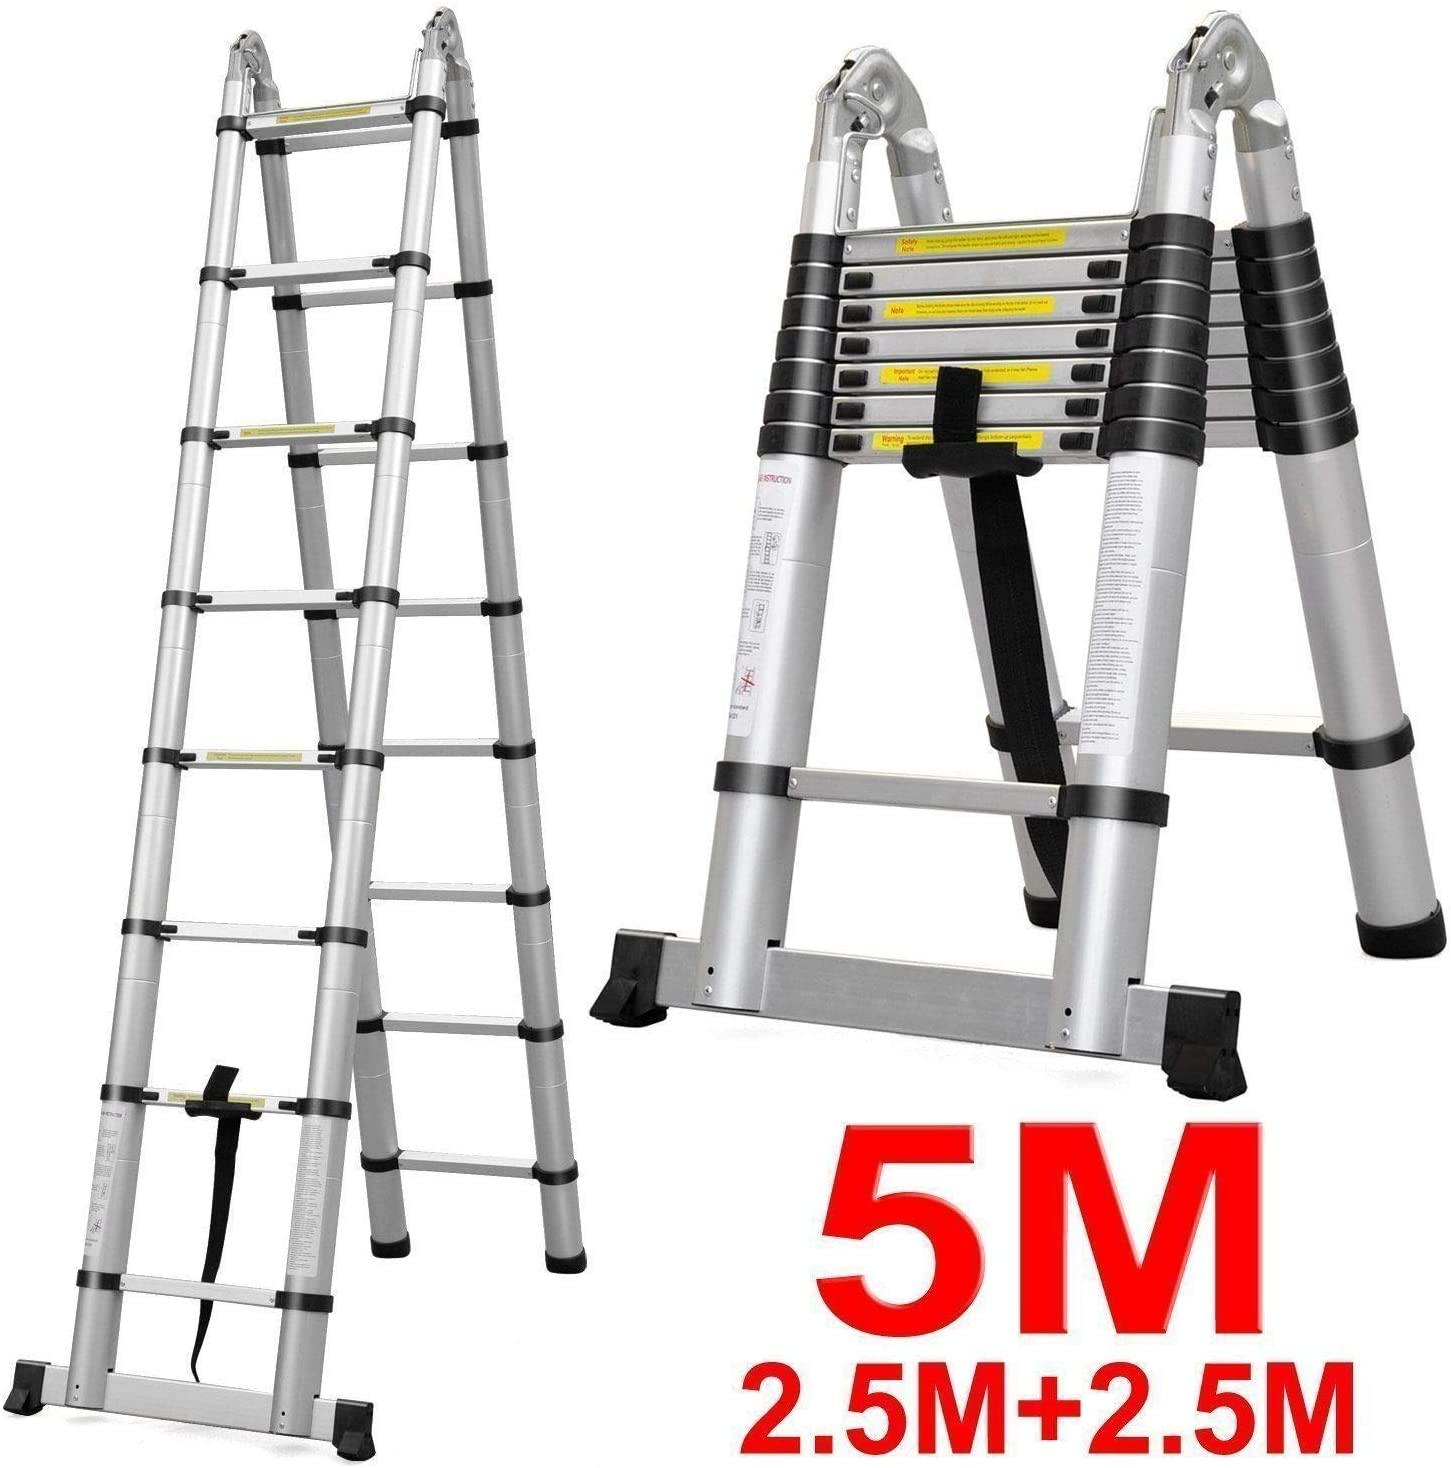 2,6M Teleskopleiter Rutschfeste Ausziehtreppen Klappleiter Mehrzweckleiter aus Aluminium Hohe Qualit/ät F/ür Heimwerkerarbeiten im Freien 150kg 330lbs max Belastung